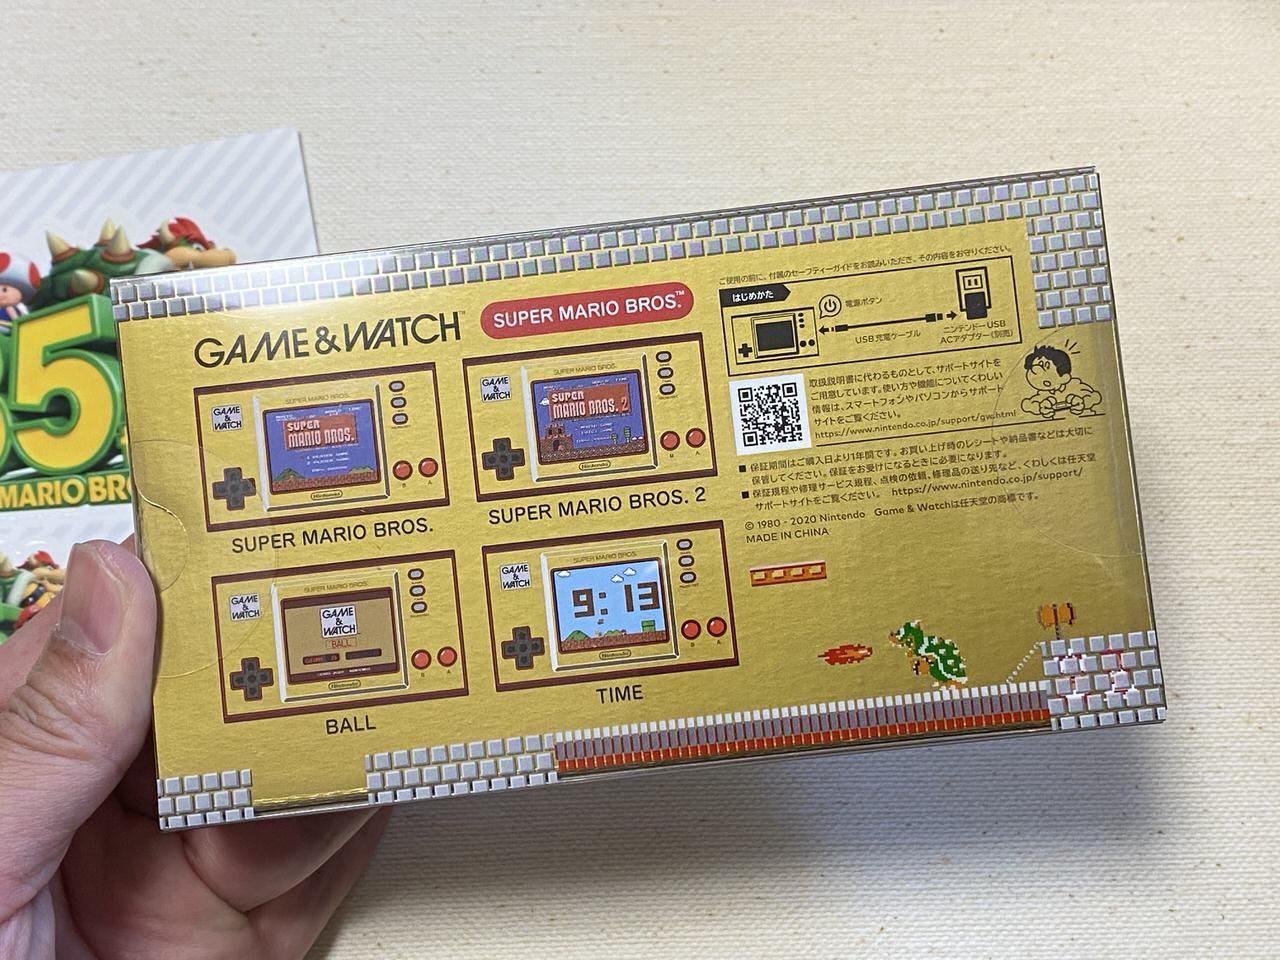 ゲーム&ウオッチ スーパーマリオブラザーズ 35th 202011 04